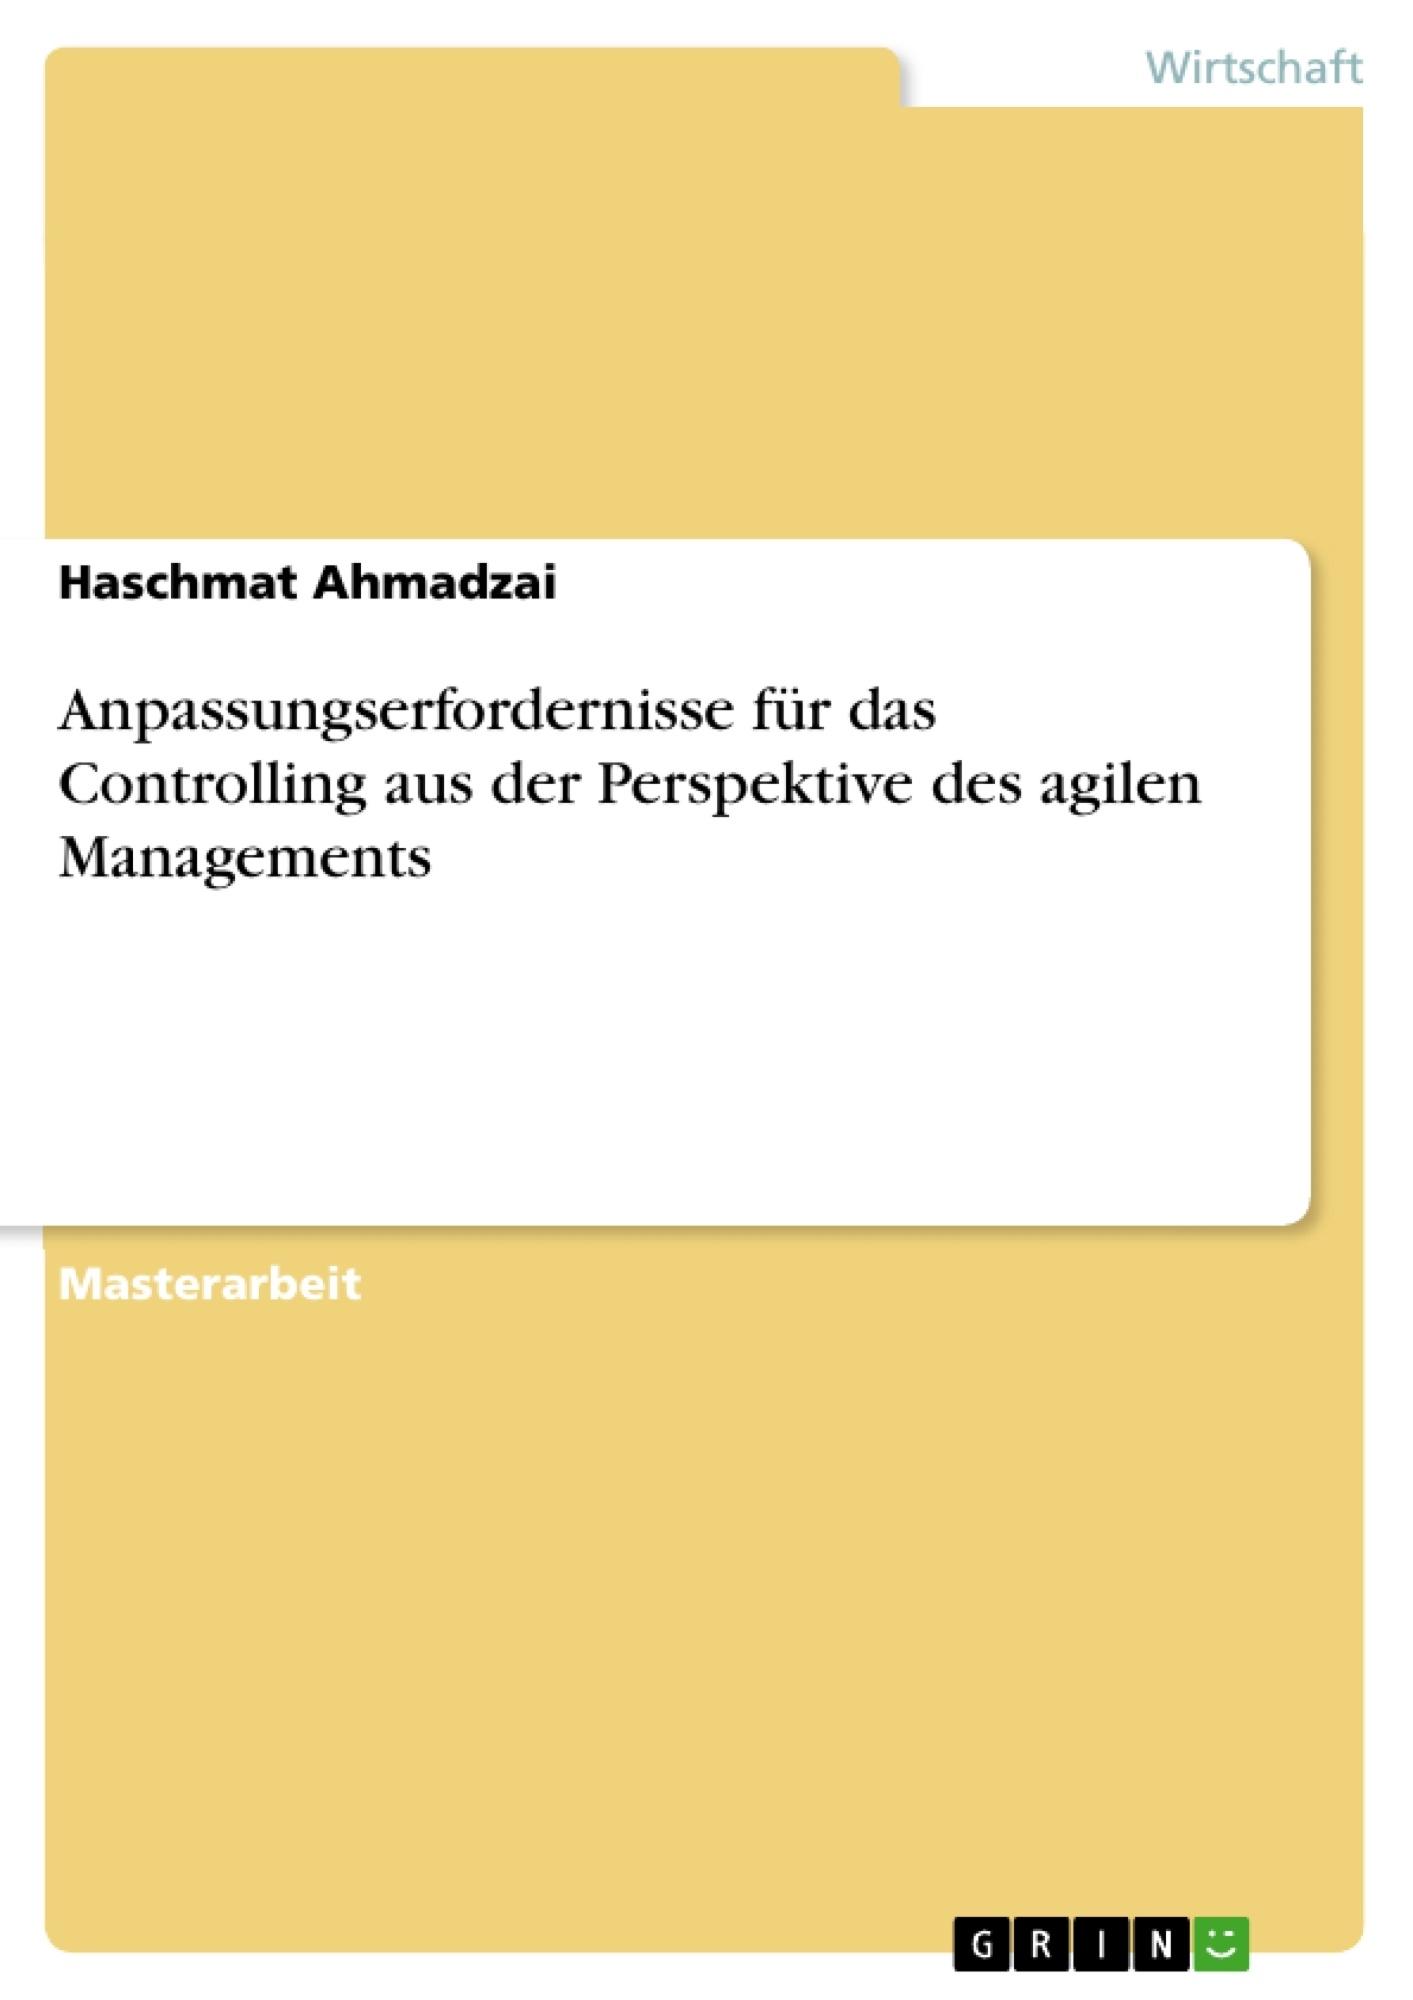 Titel: Anpassungserfordernisse für das Controlling aus der Perspektive des agilen Managements